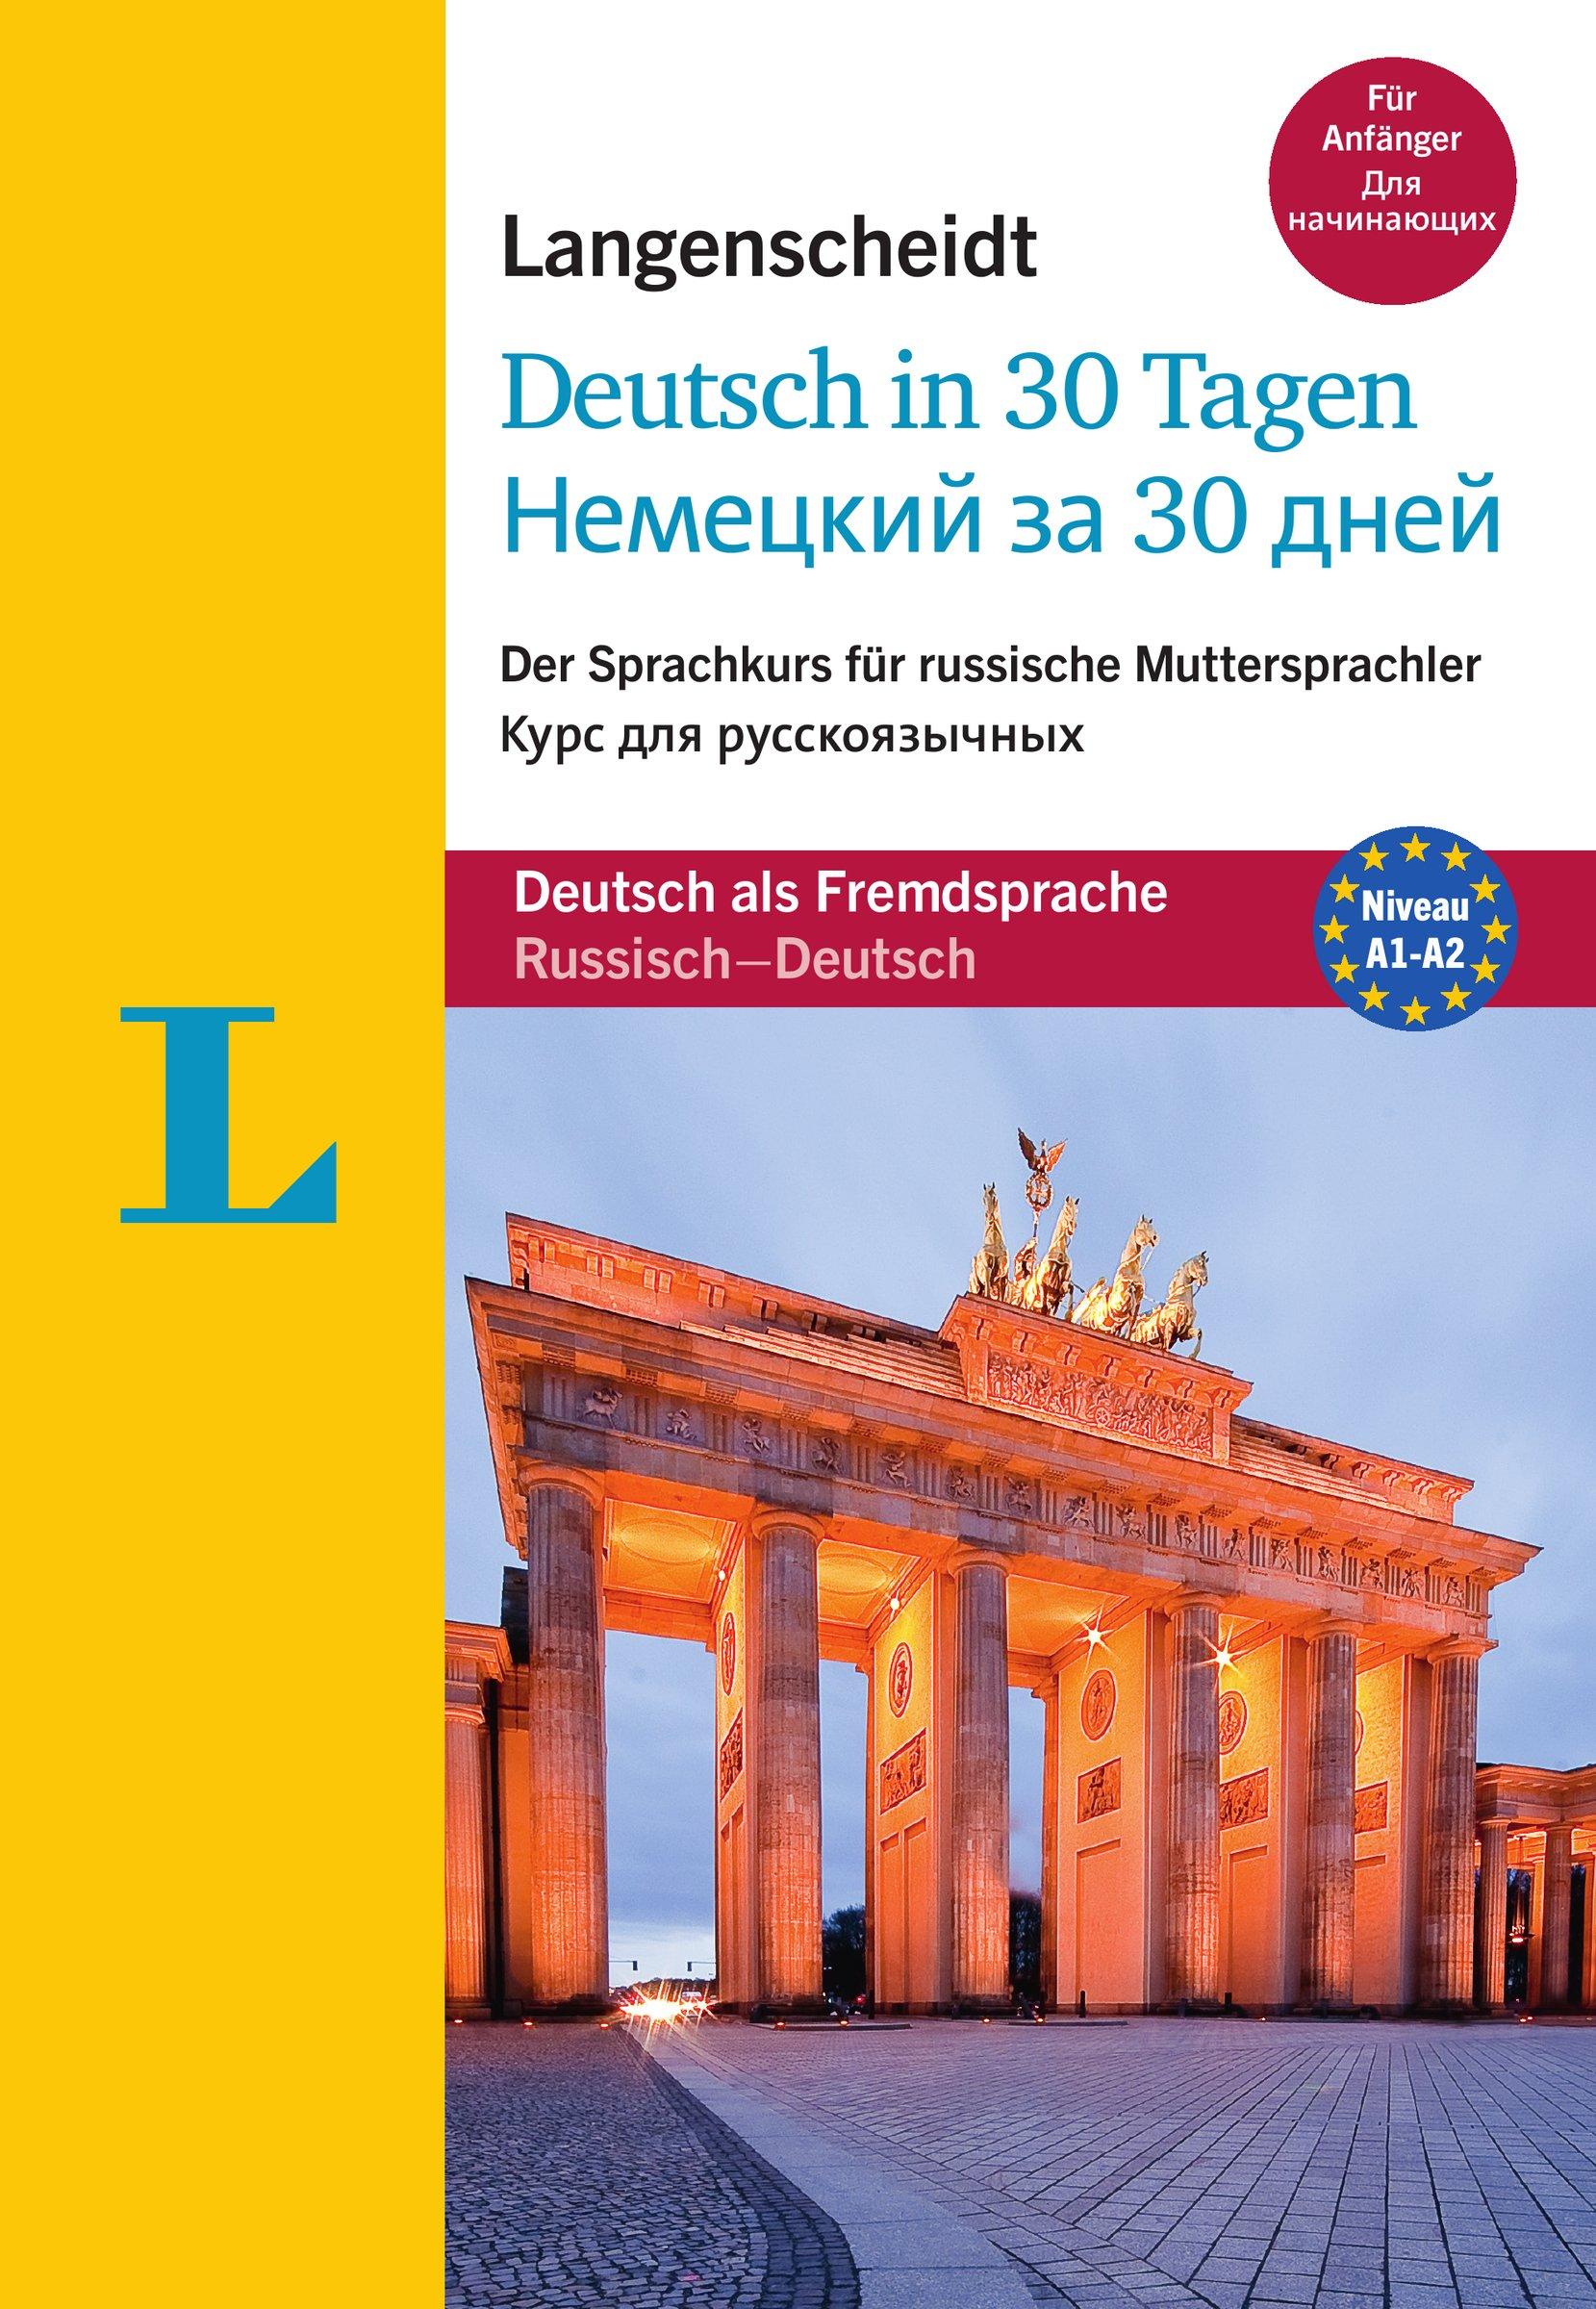 Langenscheidt Deutsch in 30 Tagen - Sprachkurs mit Buch und Audio-CD: Der Sprachkurs für russische Muttersprachler, Russisch-Deutsch (Langenscheidt Sprachkurse